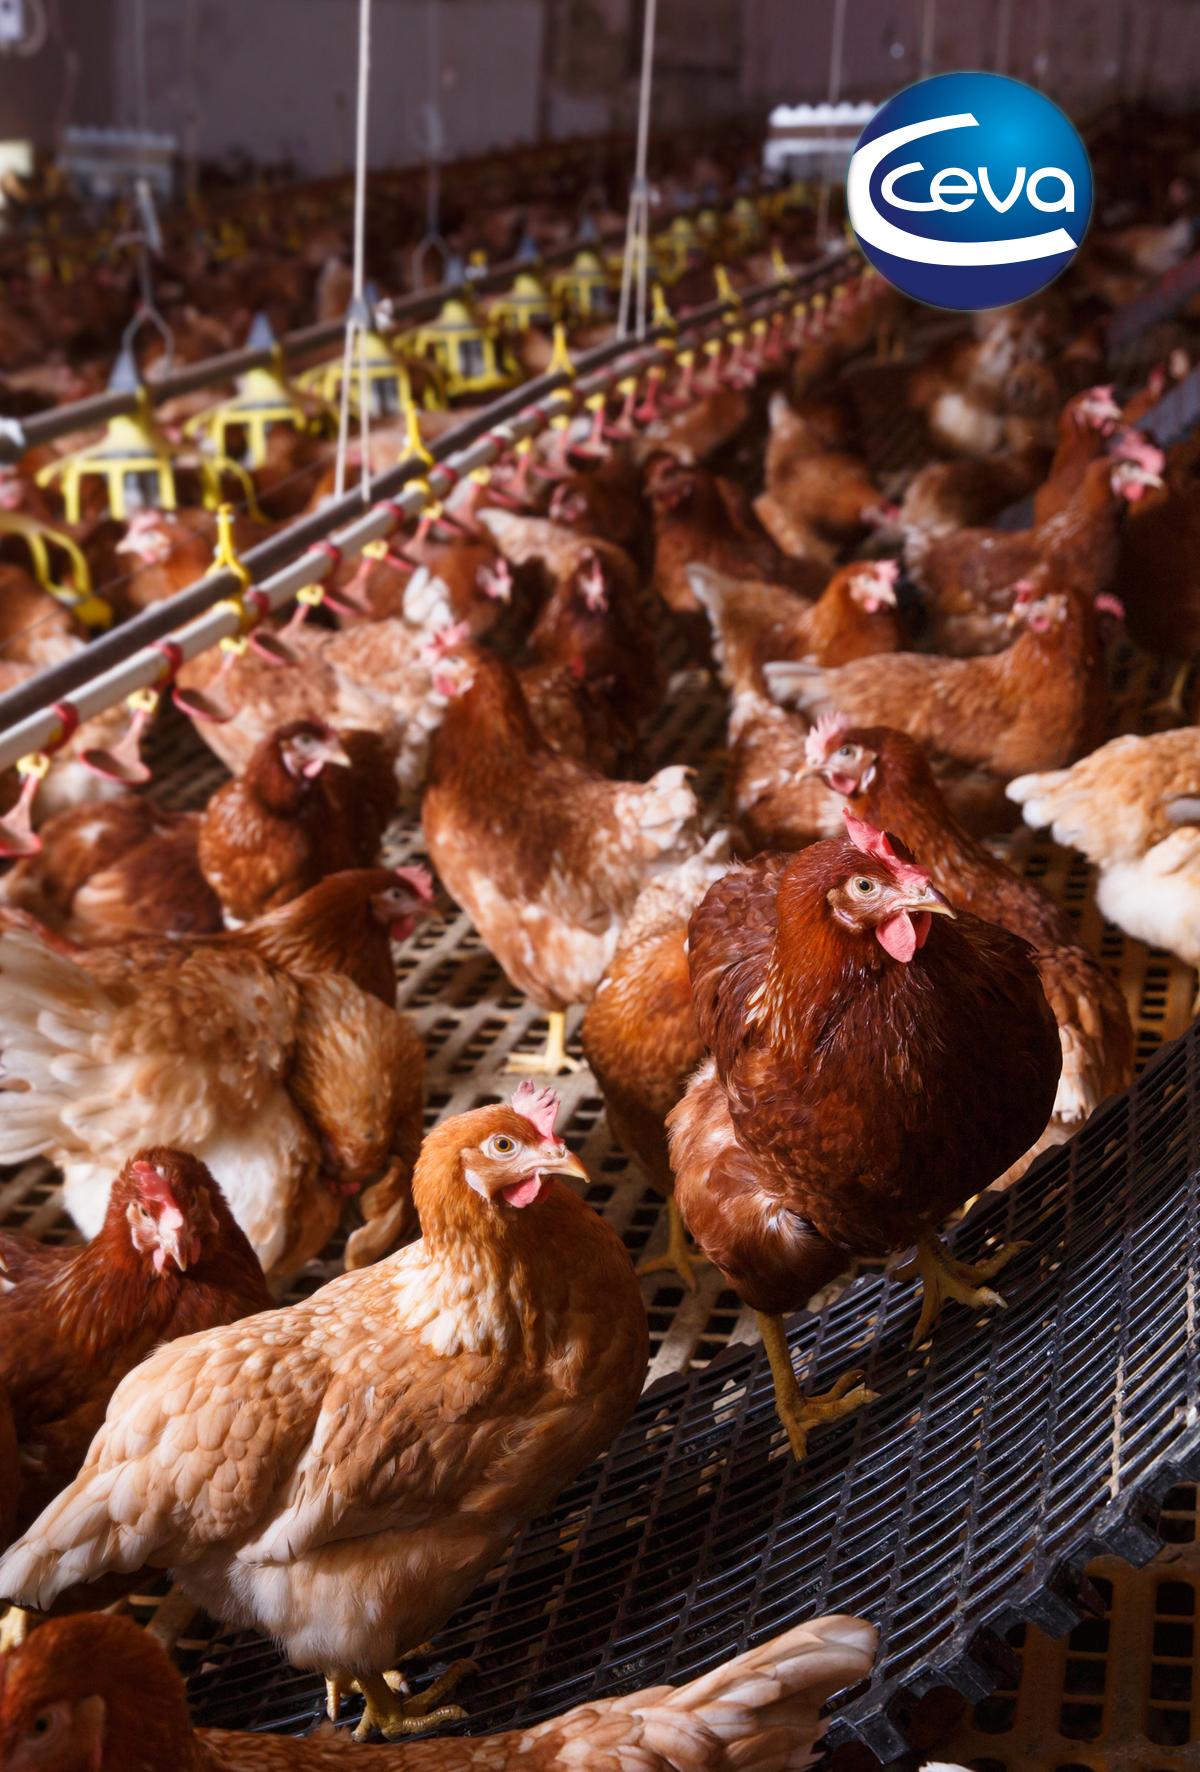 Yumurtacılarda Gumboro hastalığı kontrolü ve zorlukları Bölüm I